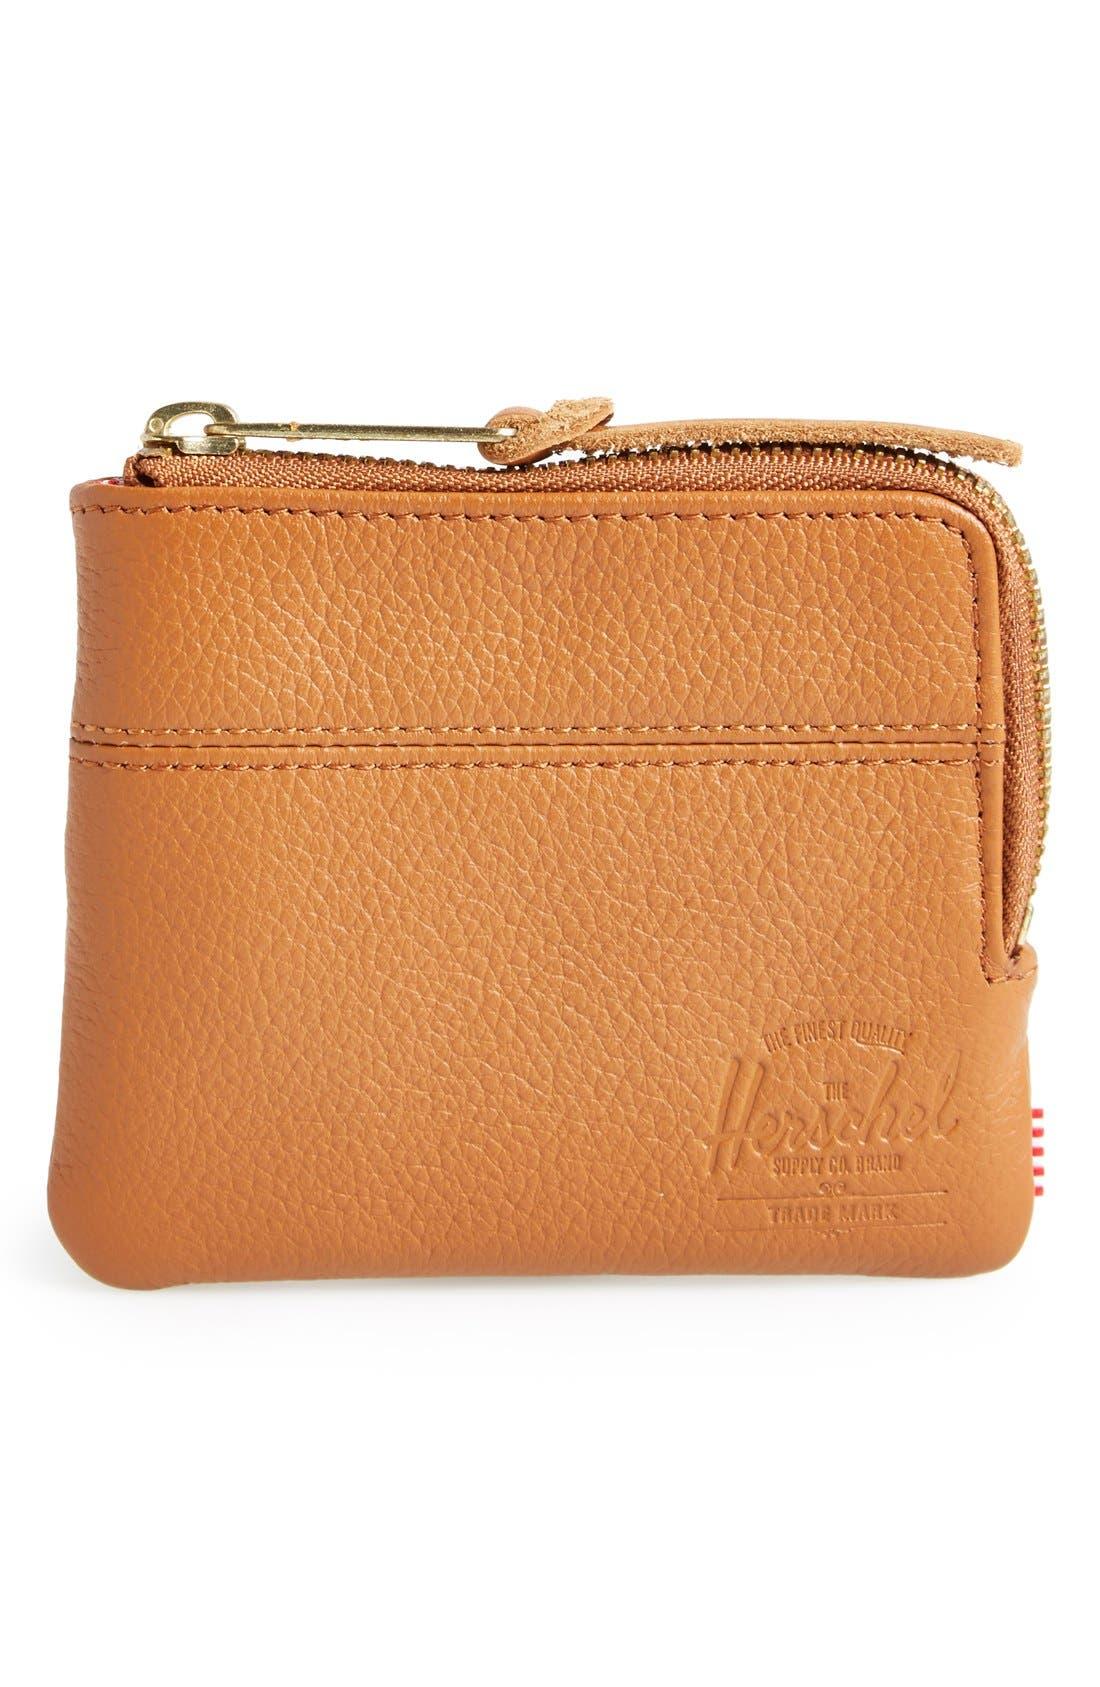 Main Image - Herschel Supply Co. 'Johnny' Half Zip Leather Wallet